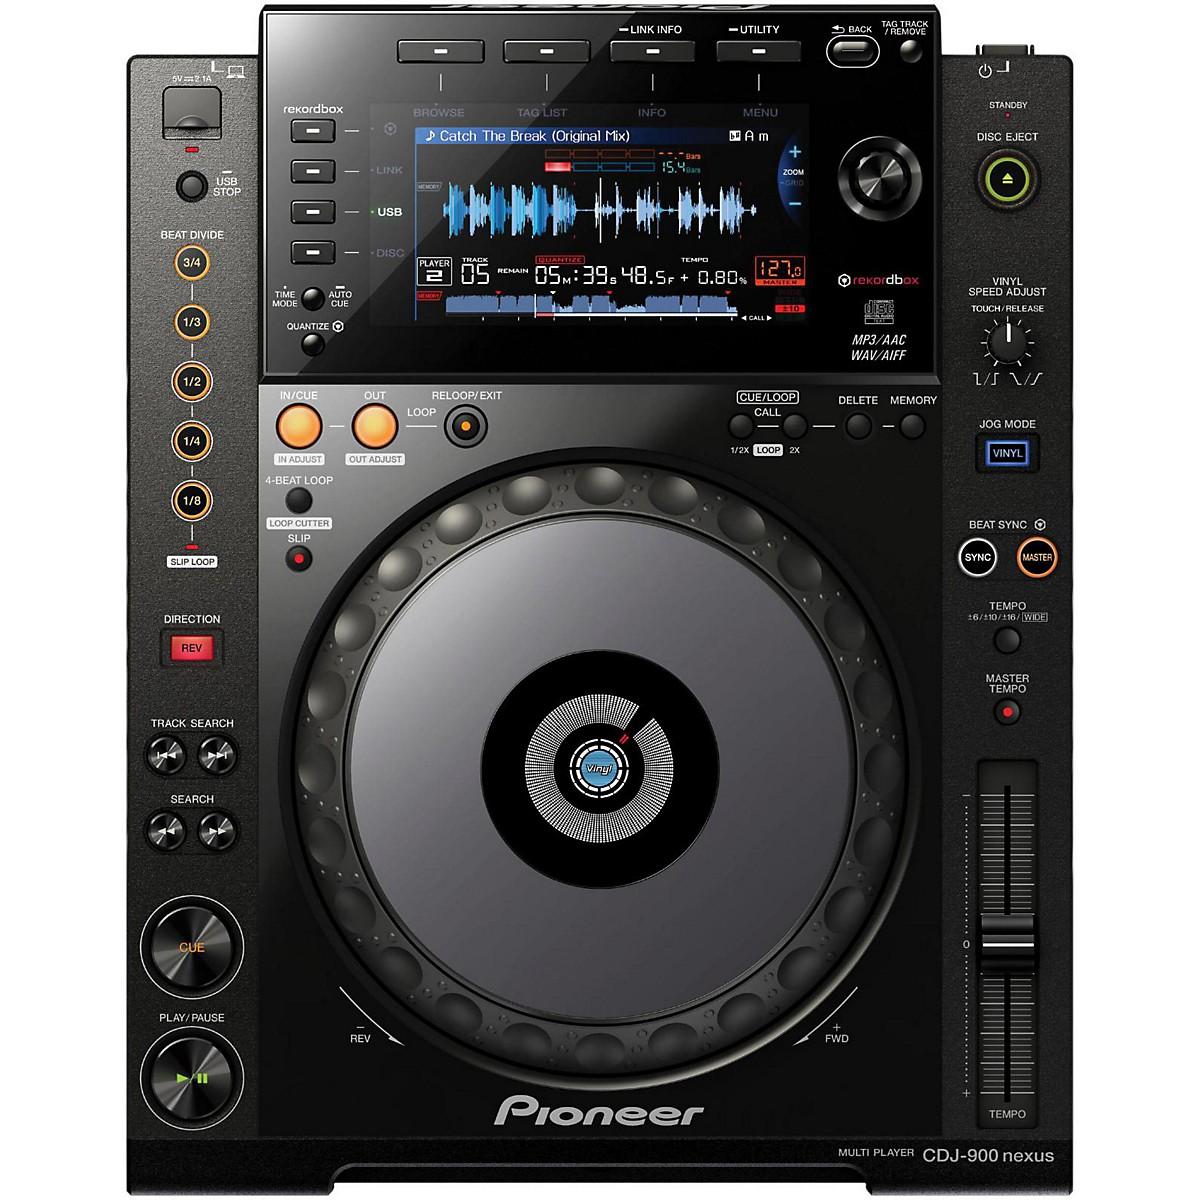 Pioneer CDJ-900 Nexus Performance Tabletop Digital Multi-Player